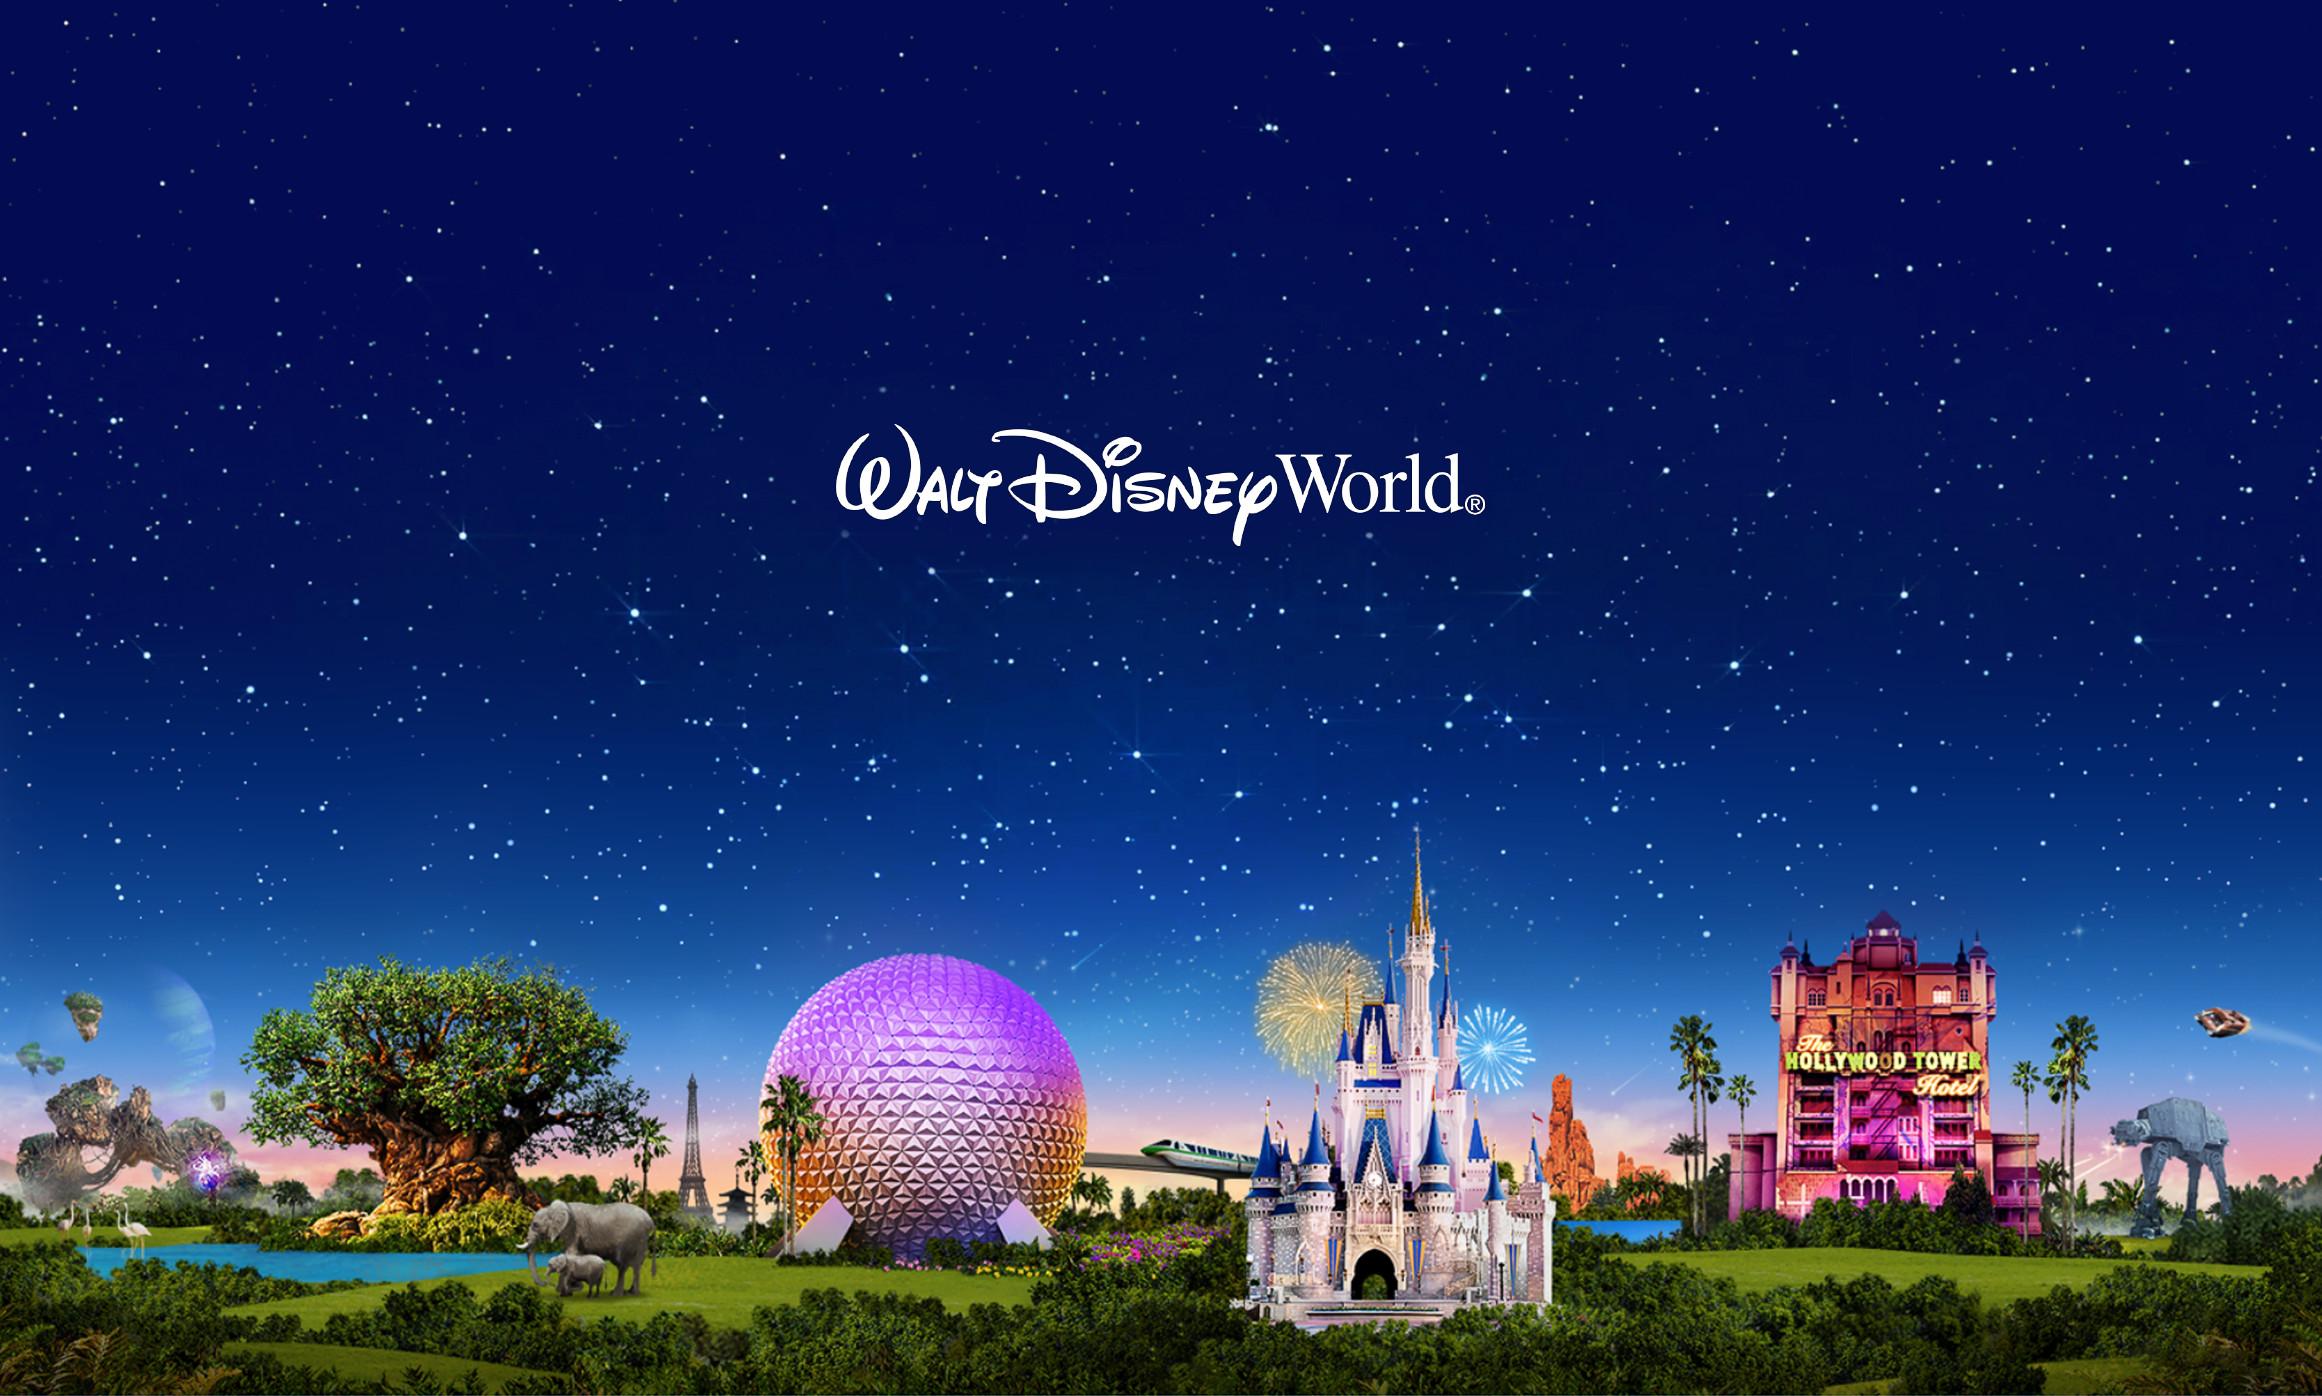 Walt Disney Desktop Wallpaper (71+ images)